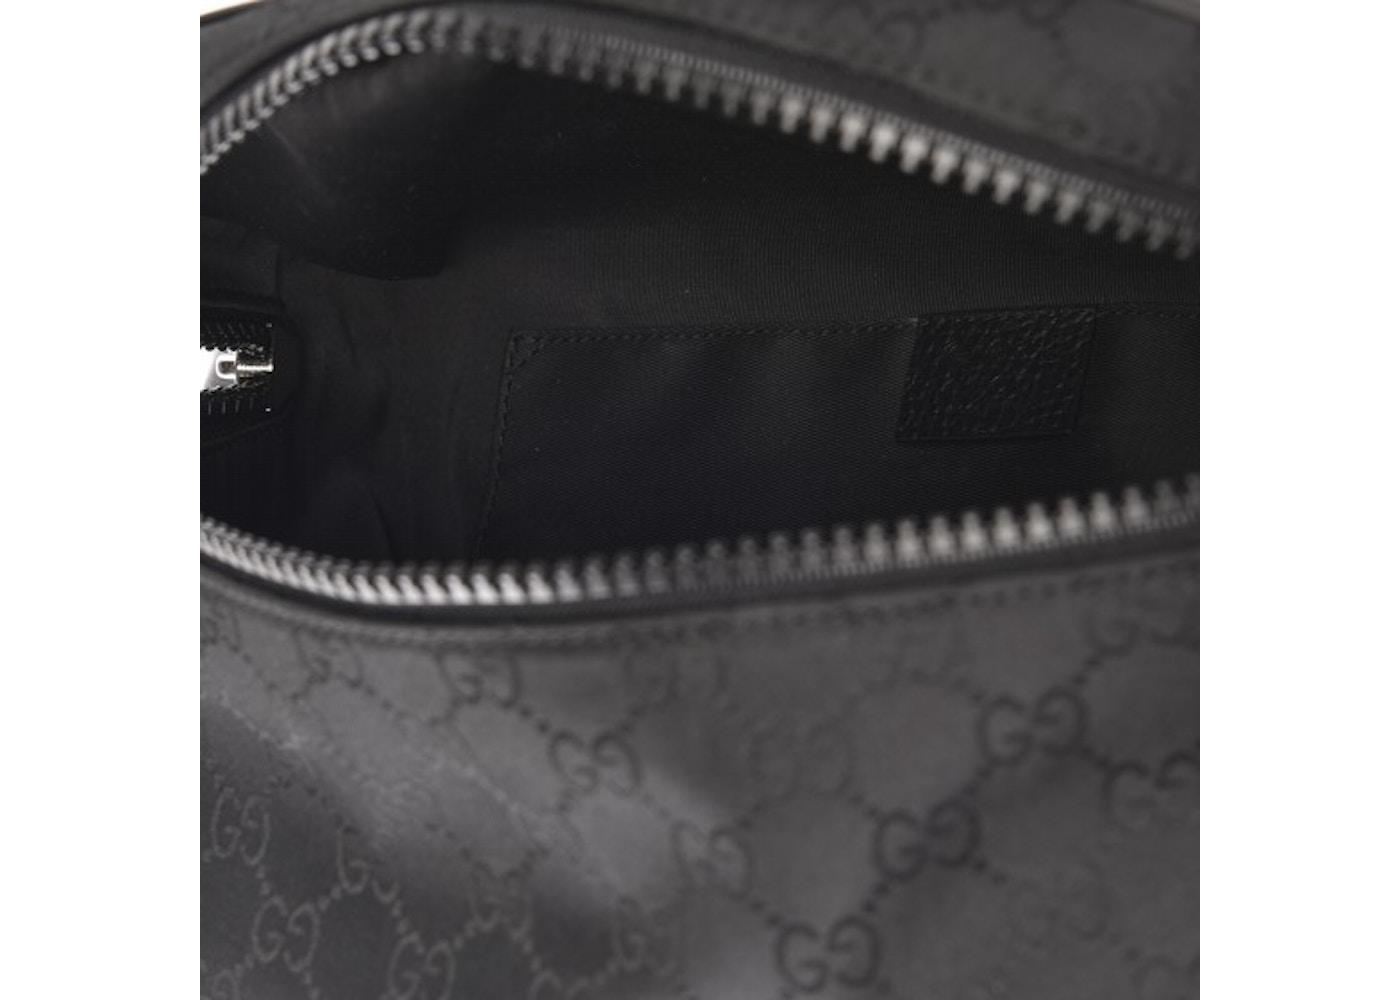 9bcc24558c14 Gucci Fanny Pack Belt Bag Monogram GG Black